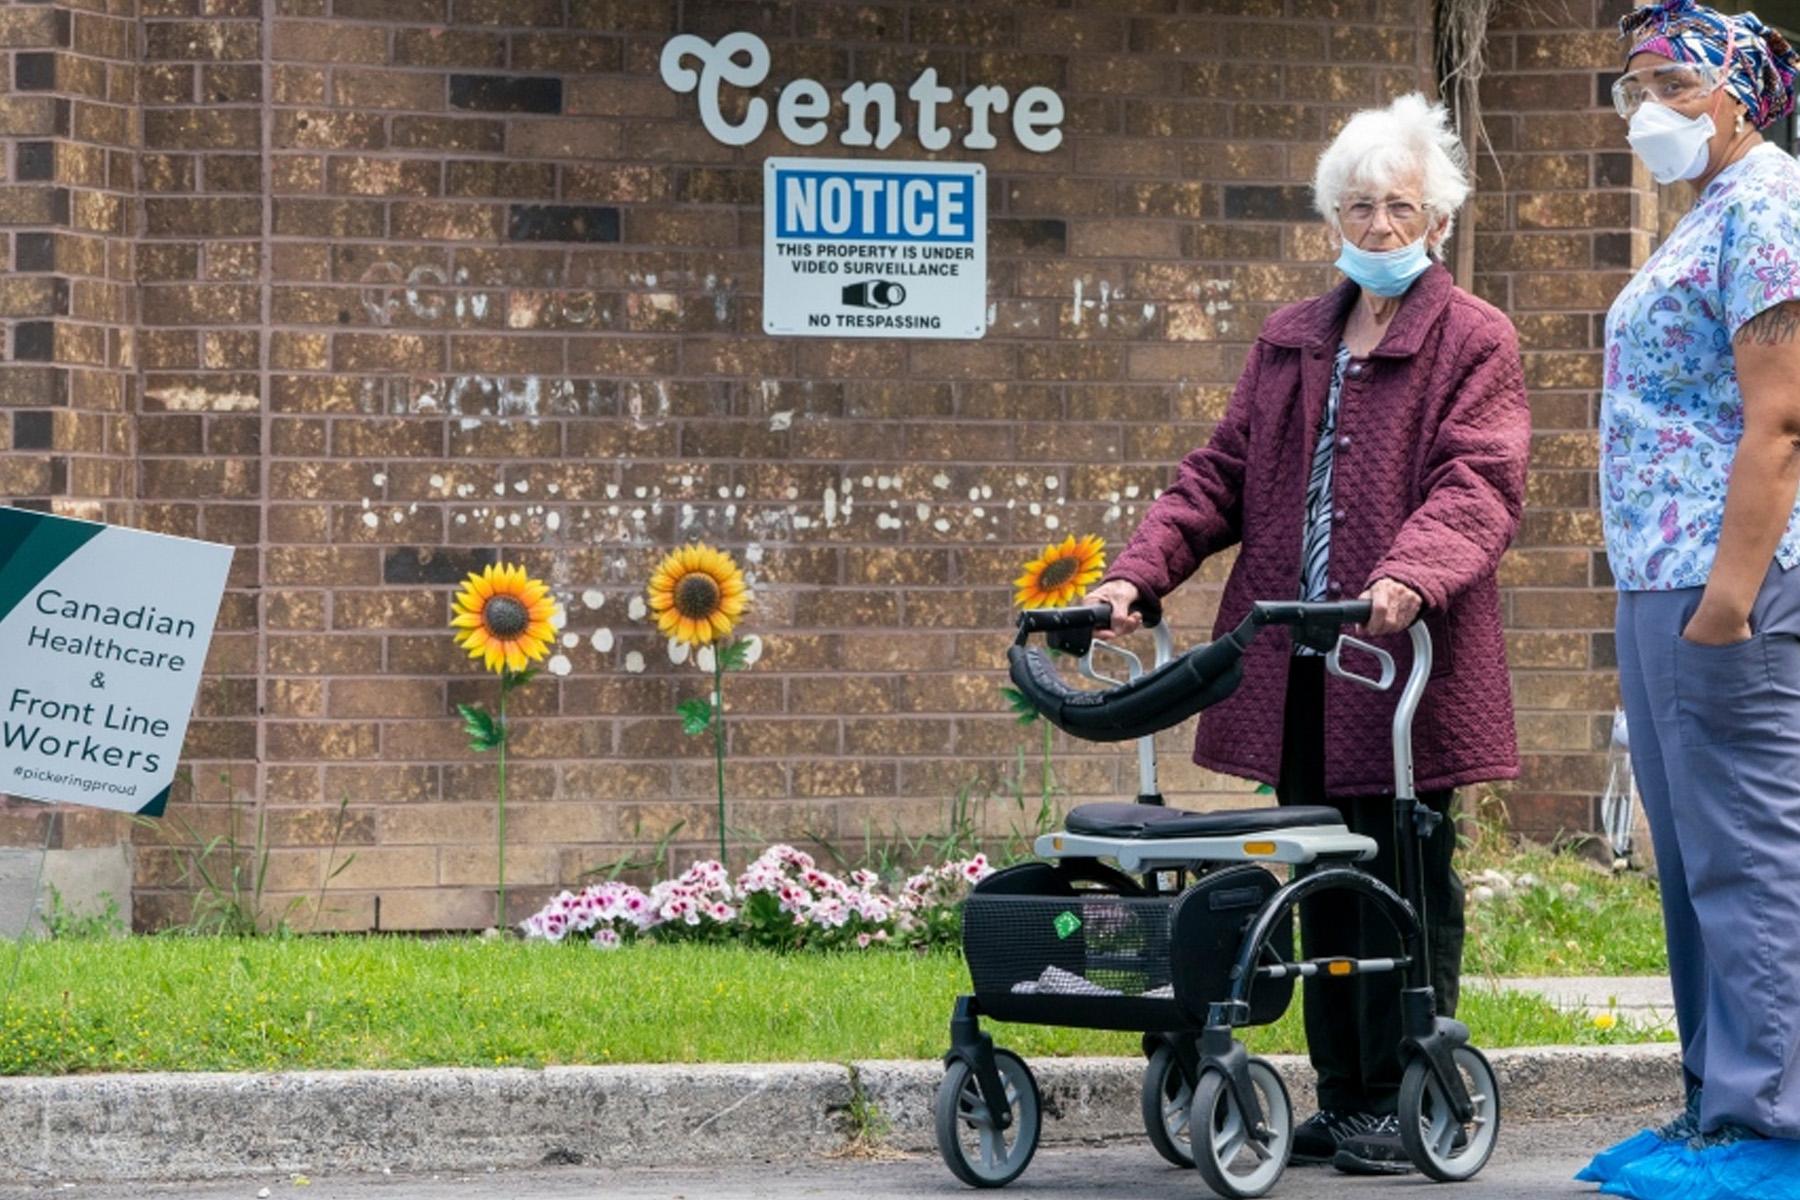 گردش برای ساکنان خانه های سالمندان تورنتو ، پیل و اتاوا ممنوع شد